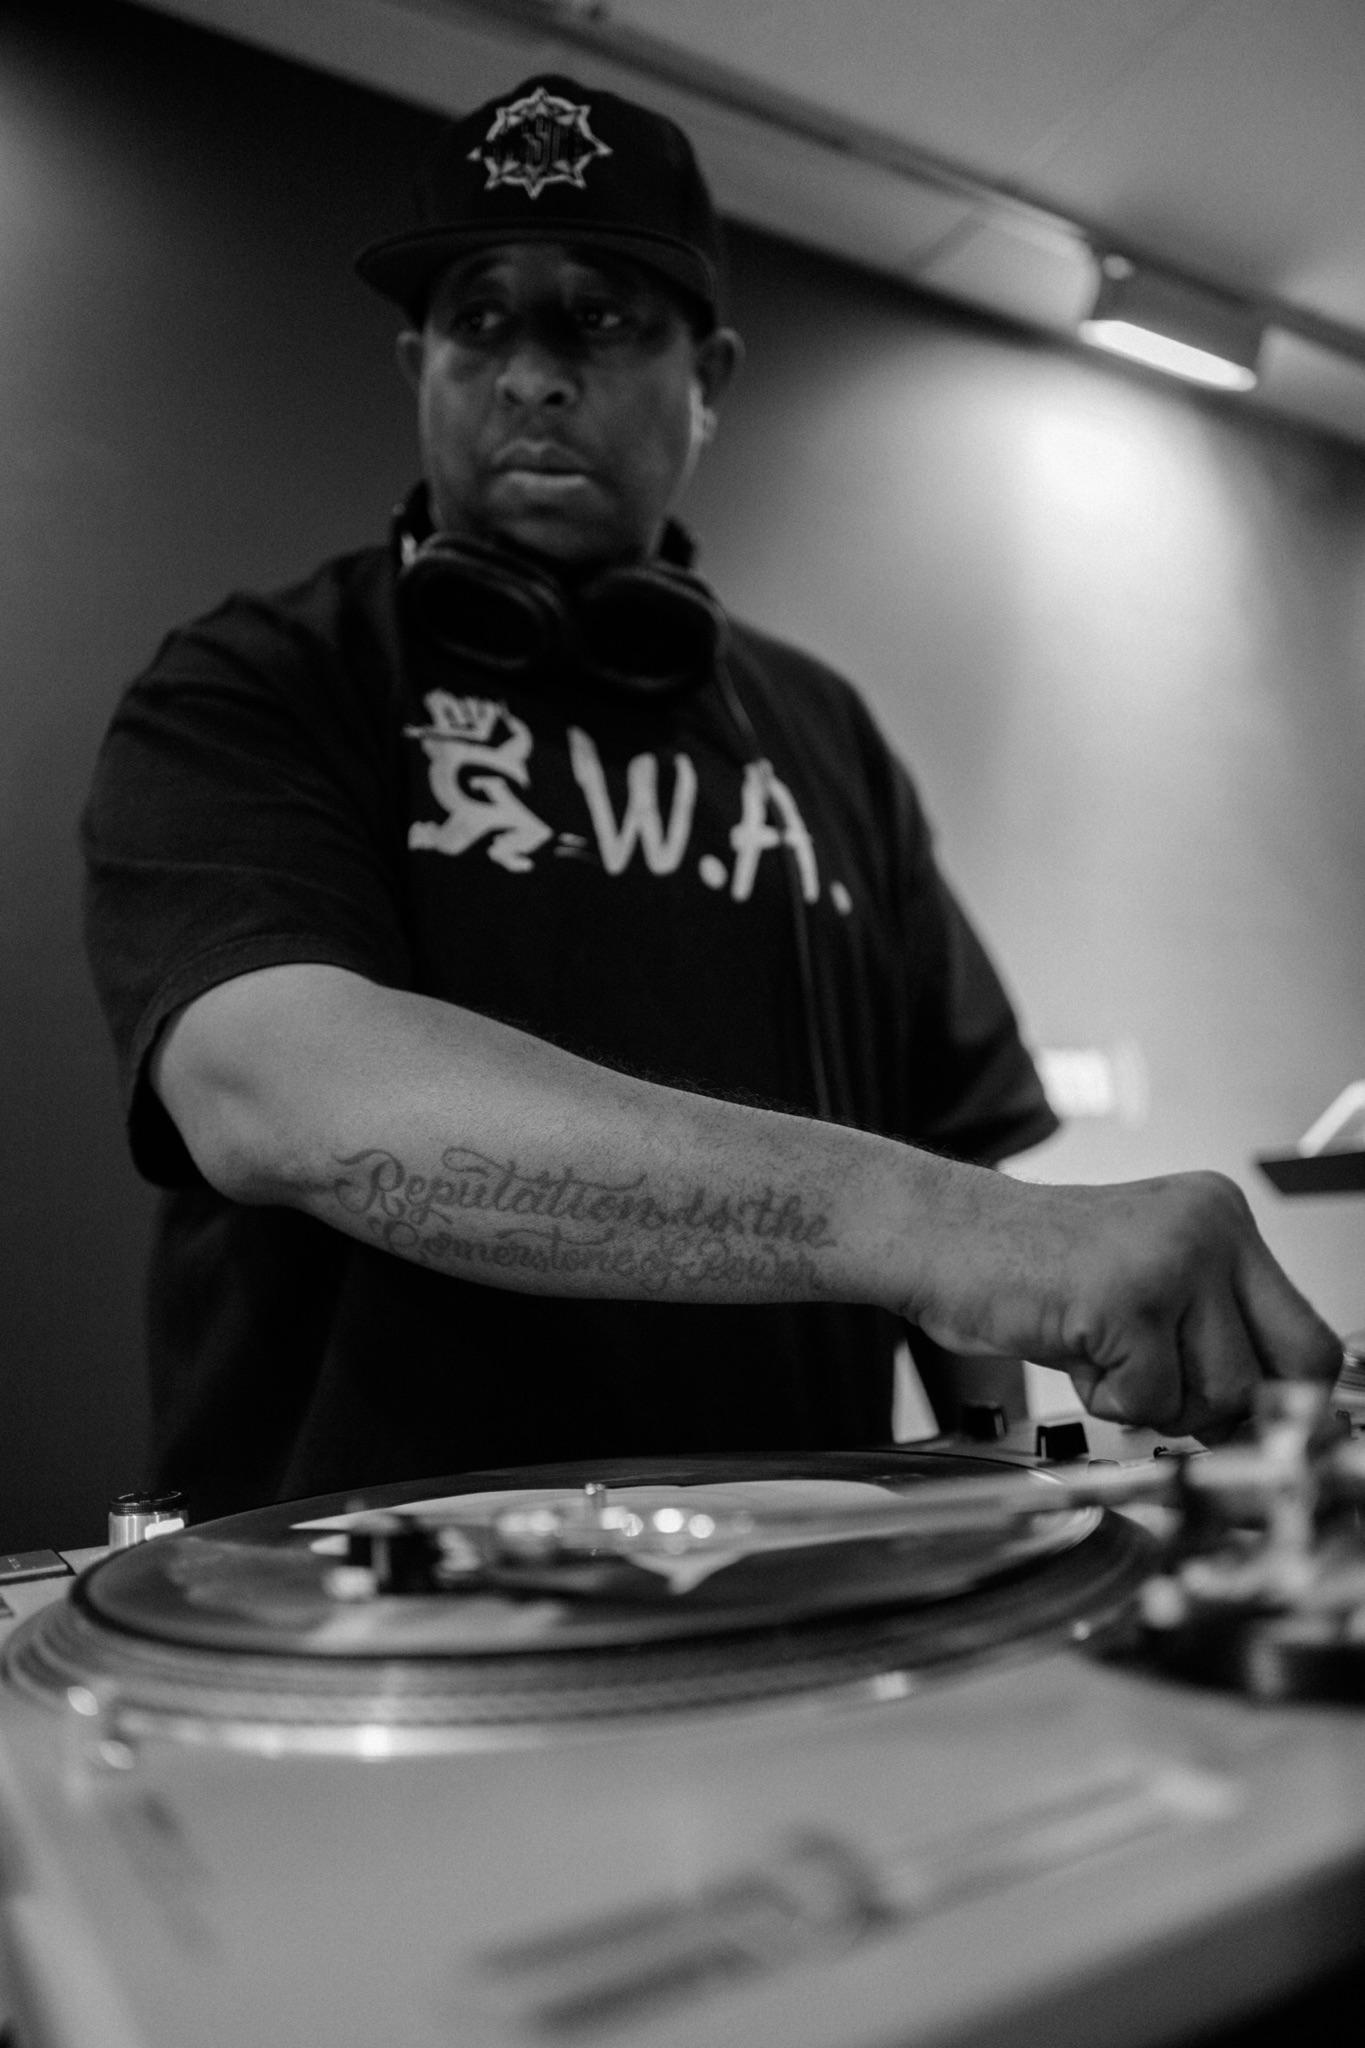 DJ PREMIER - LIVE FROM HEADQCOURTERZ RADIO SHOW FOR 2/24